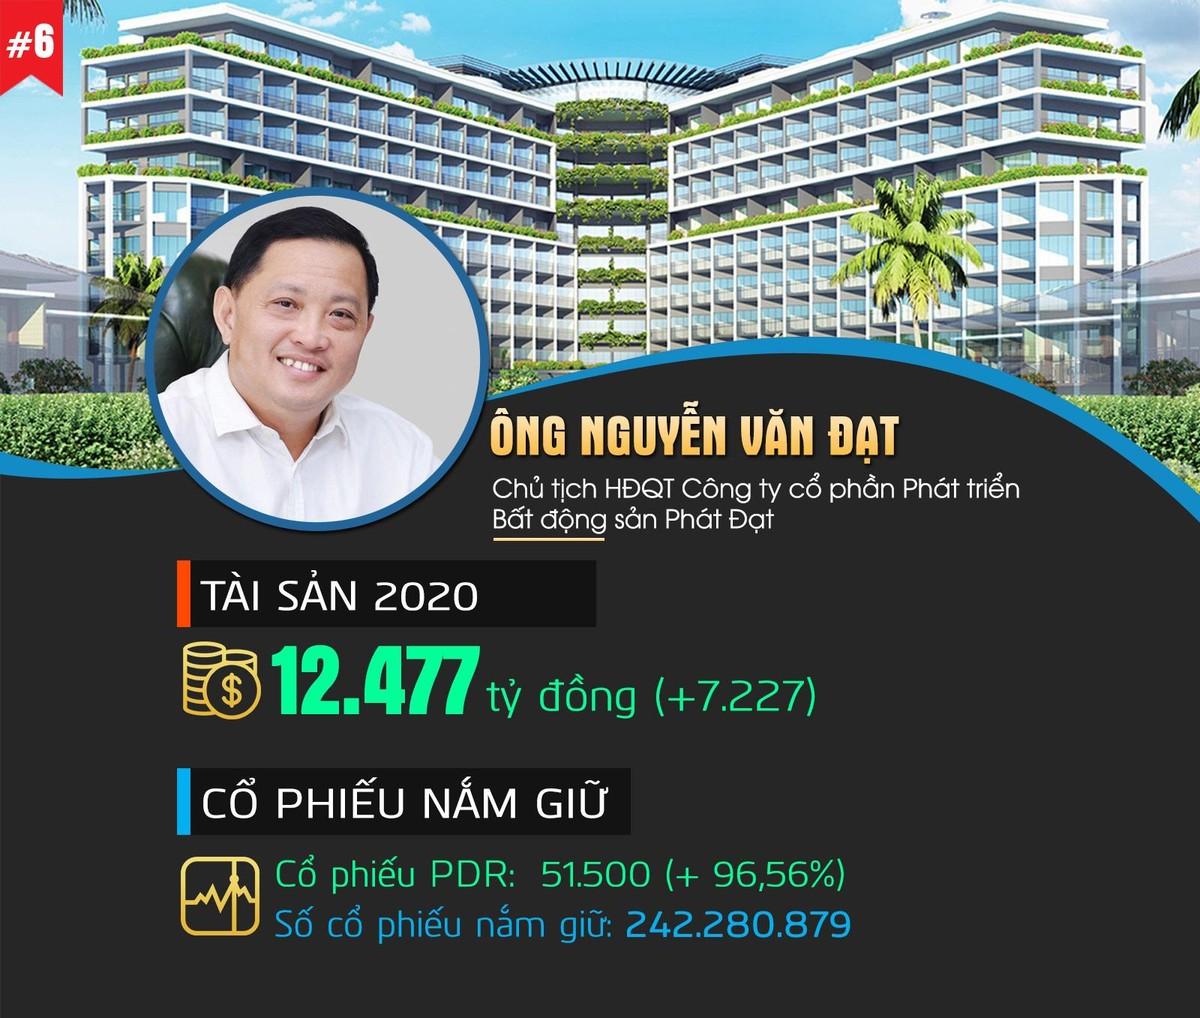 Top 10 người giàu nhất Thị trường chứng khoán Việt Nam 2020 ảnh 6